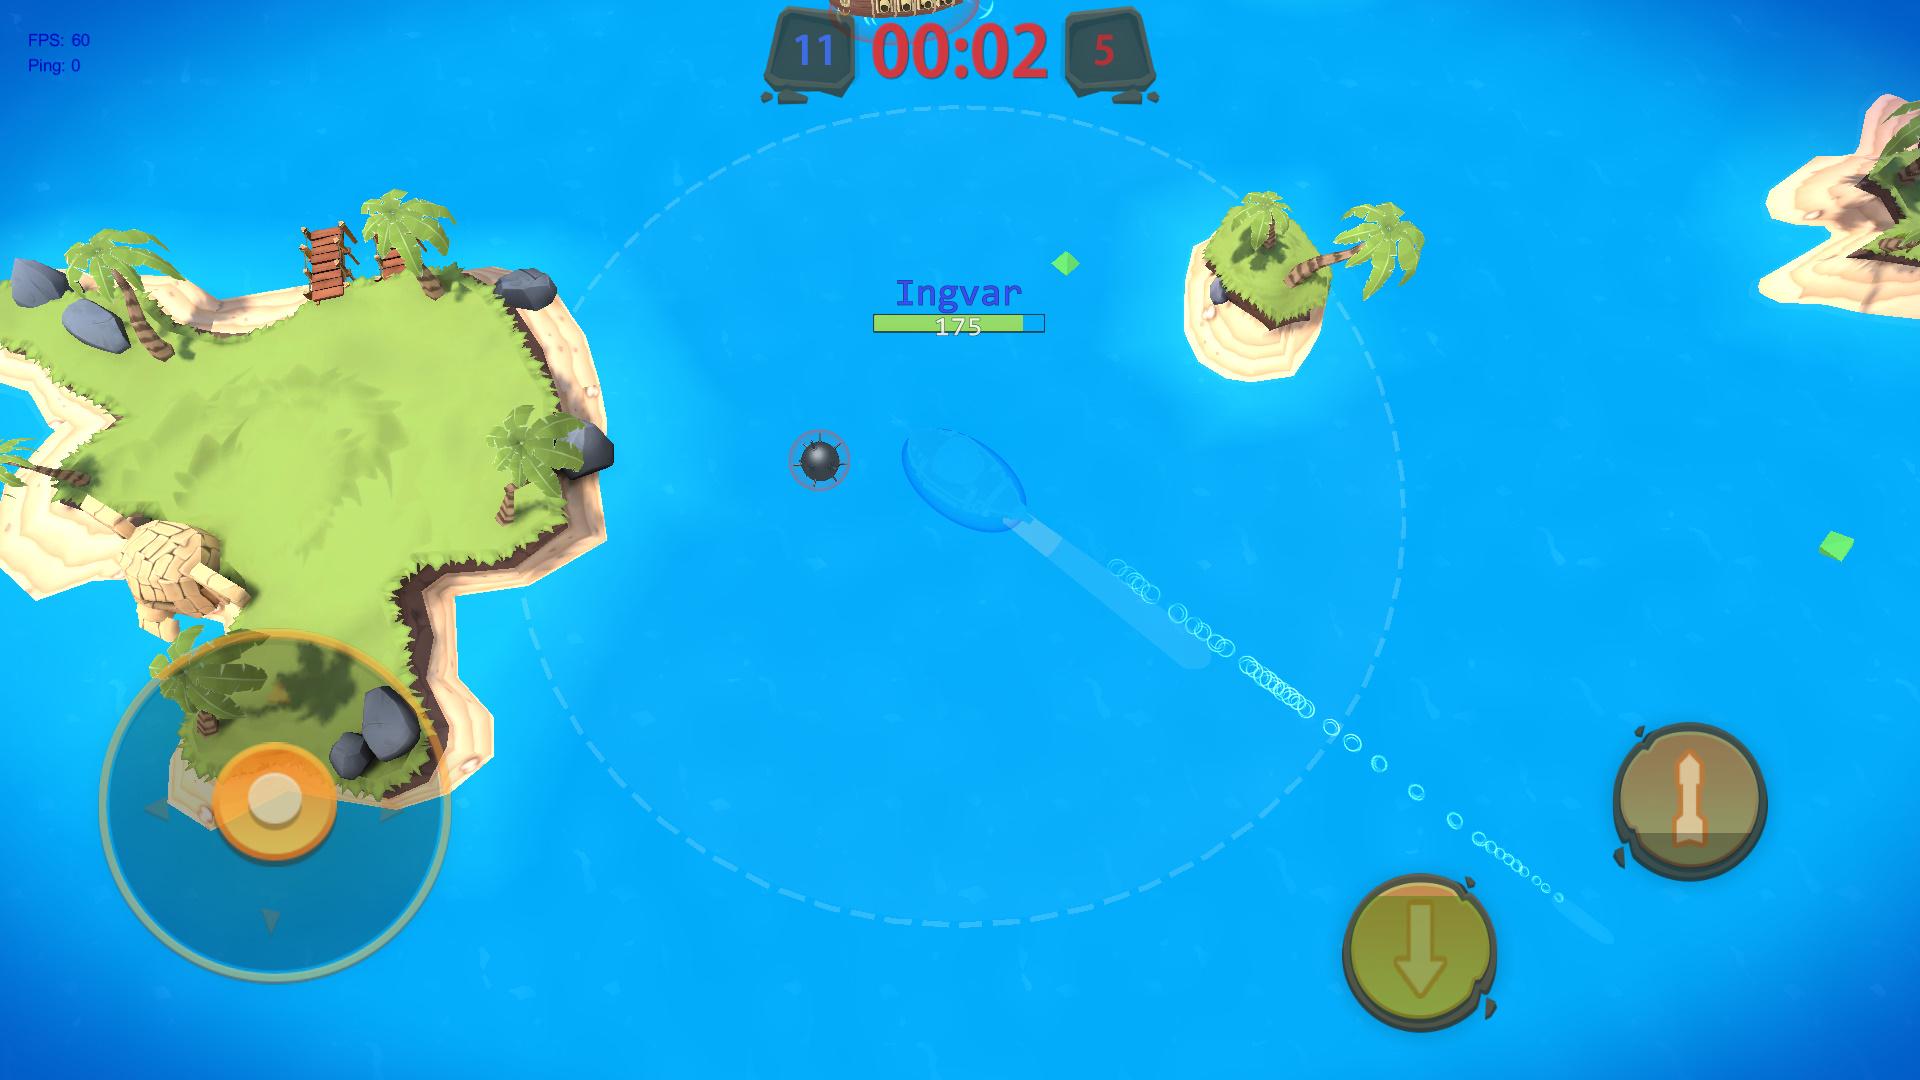 PieRatsOnline v0.7_Img3 | PieRats Online - динамичные онлайн бои в мультяшном сеттинге крыс-пиратов